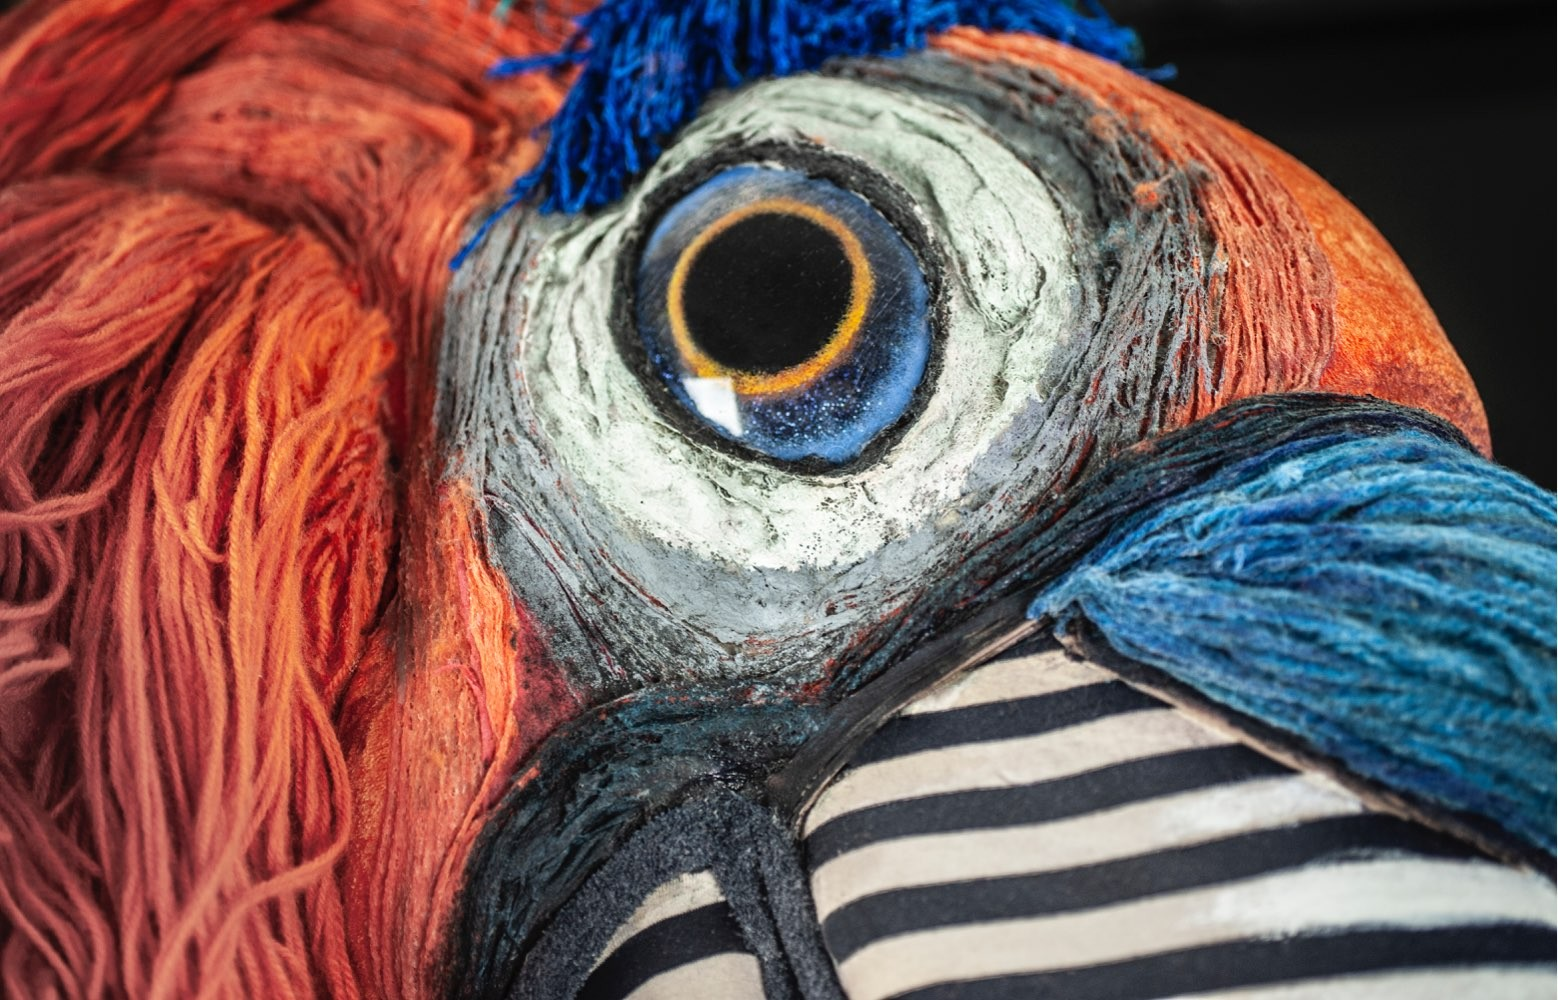 Et nærbilde av øyet til kjempepapegøyen Casanova